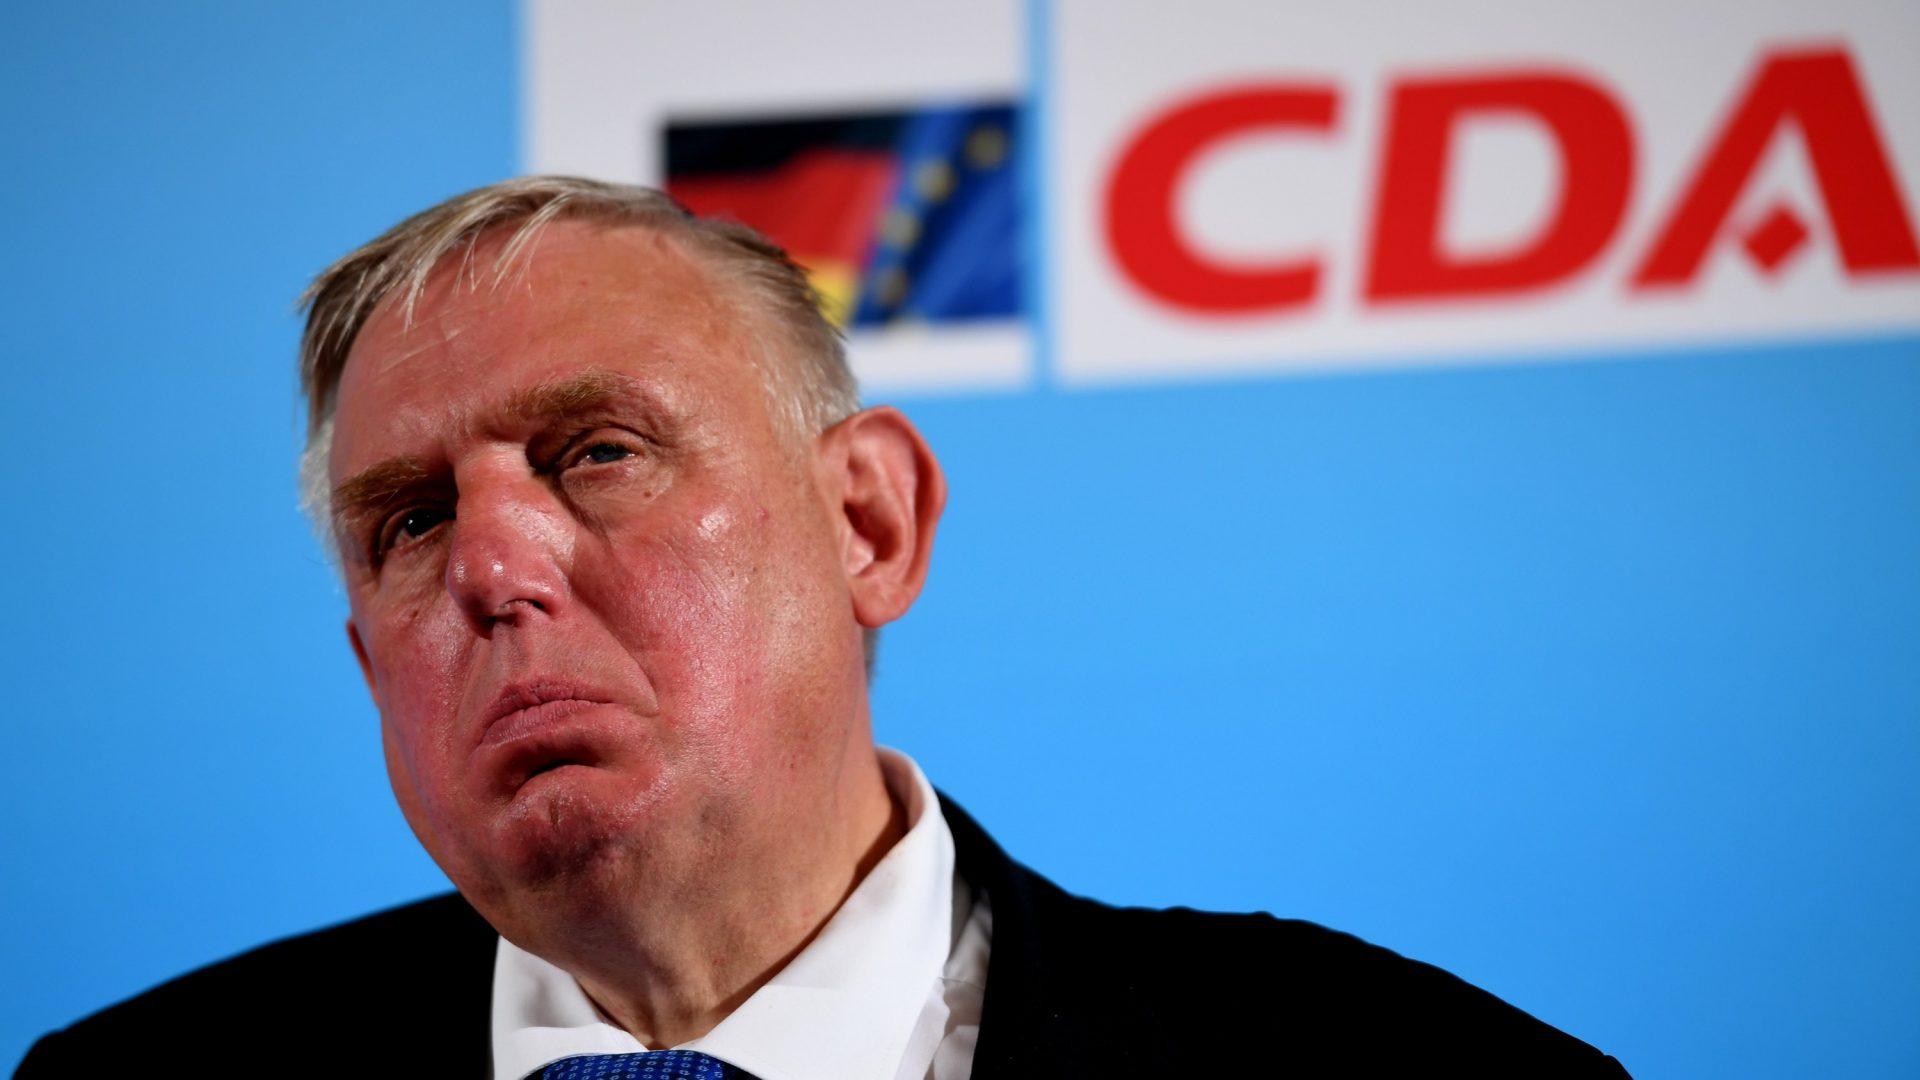 NRW-Gesundheitsminister Karl-Josef Laumann (CDU)© Patrik Stollarz / AFP